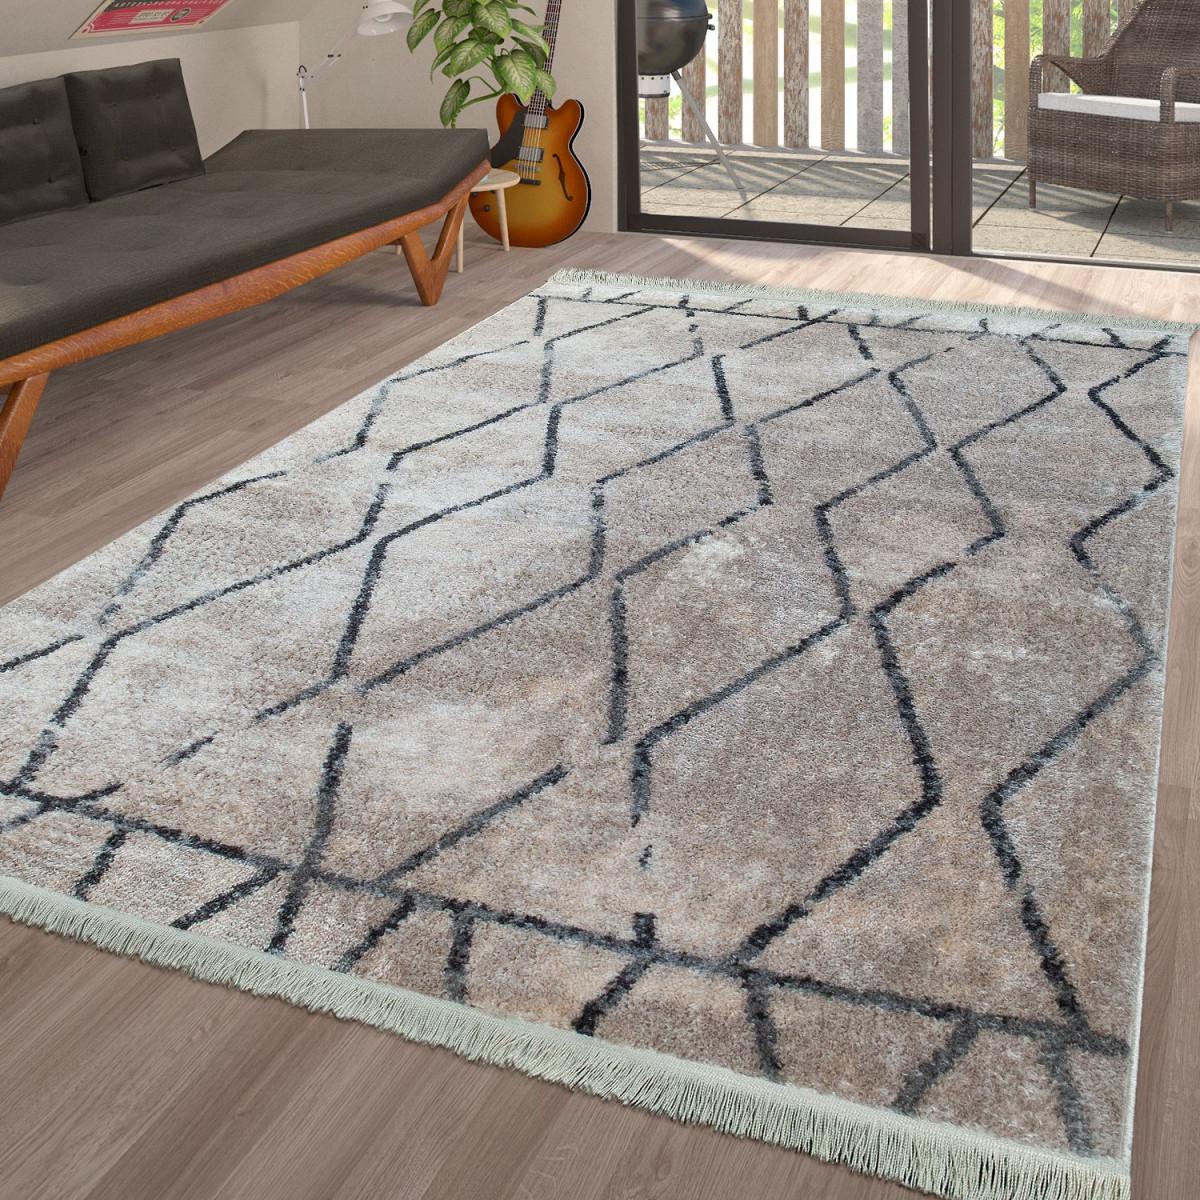 Teppich Wohnzimmer Skandinavisch Karo In Verschiedenen von Teppich Wohnzimmer Skandinavisch Bild